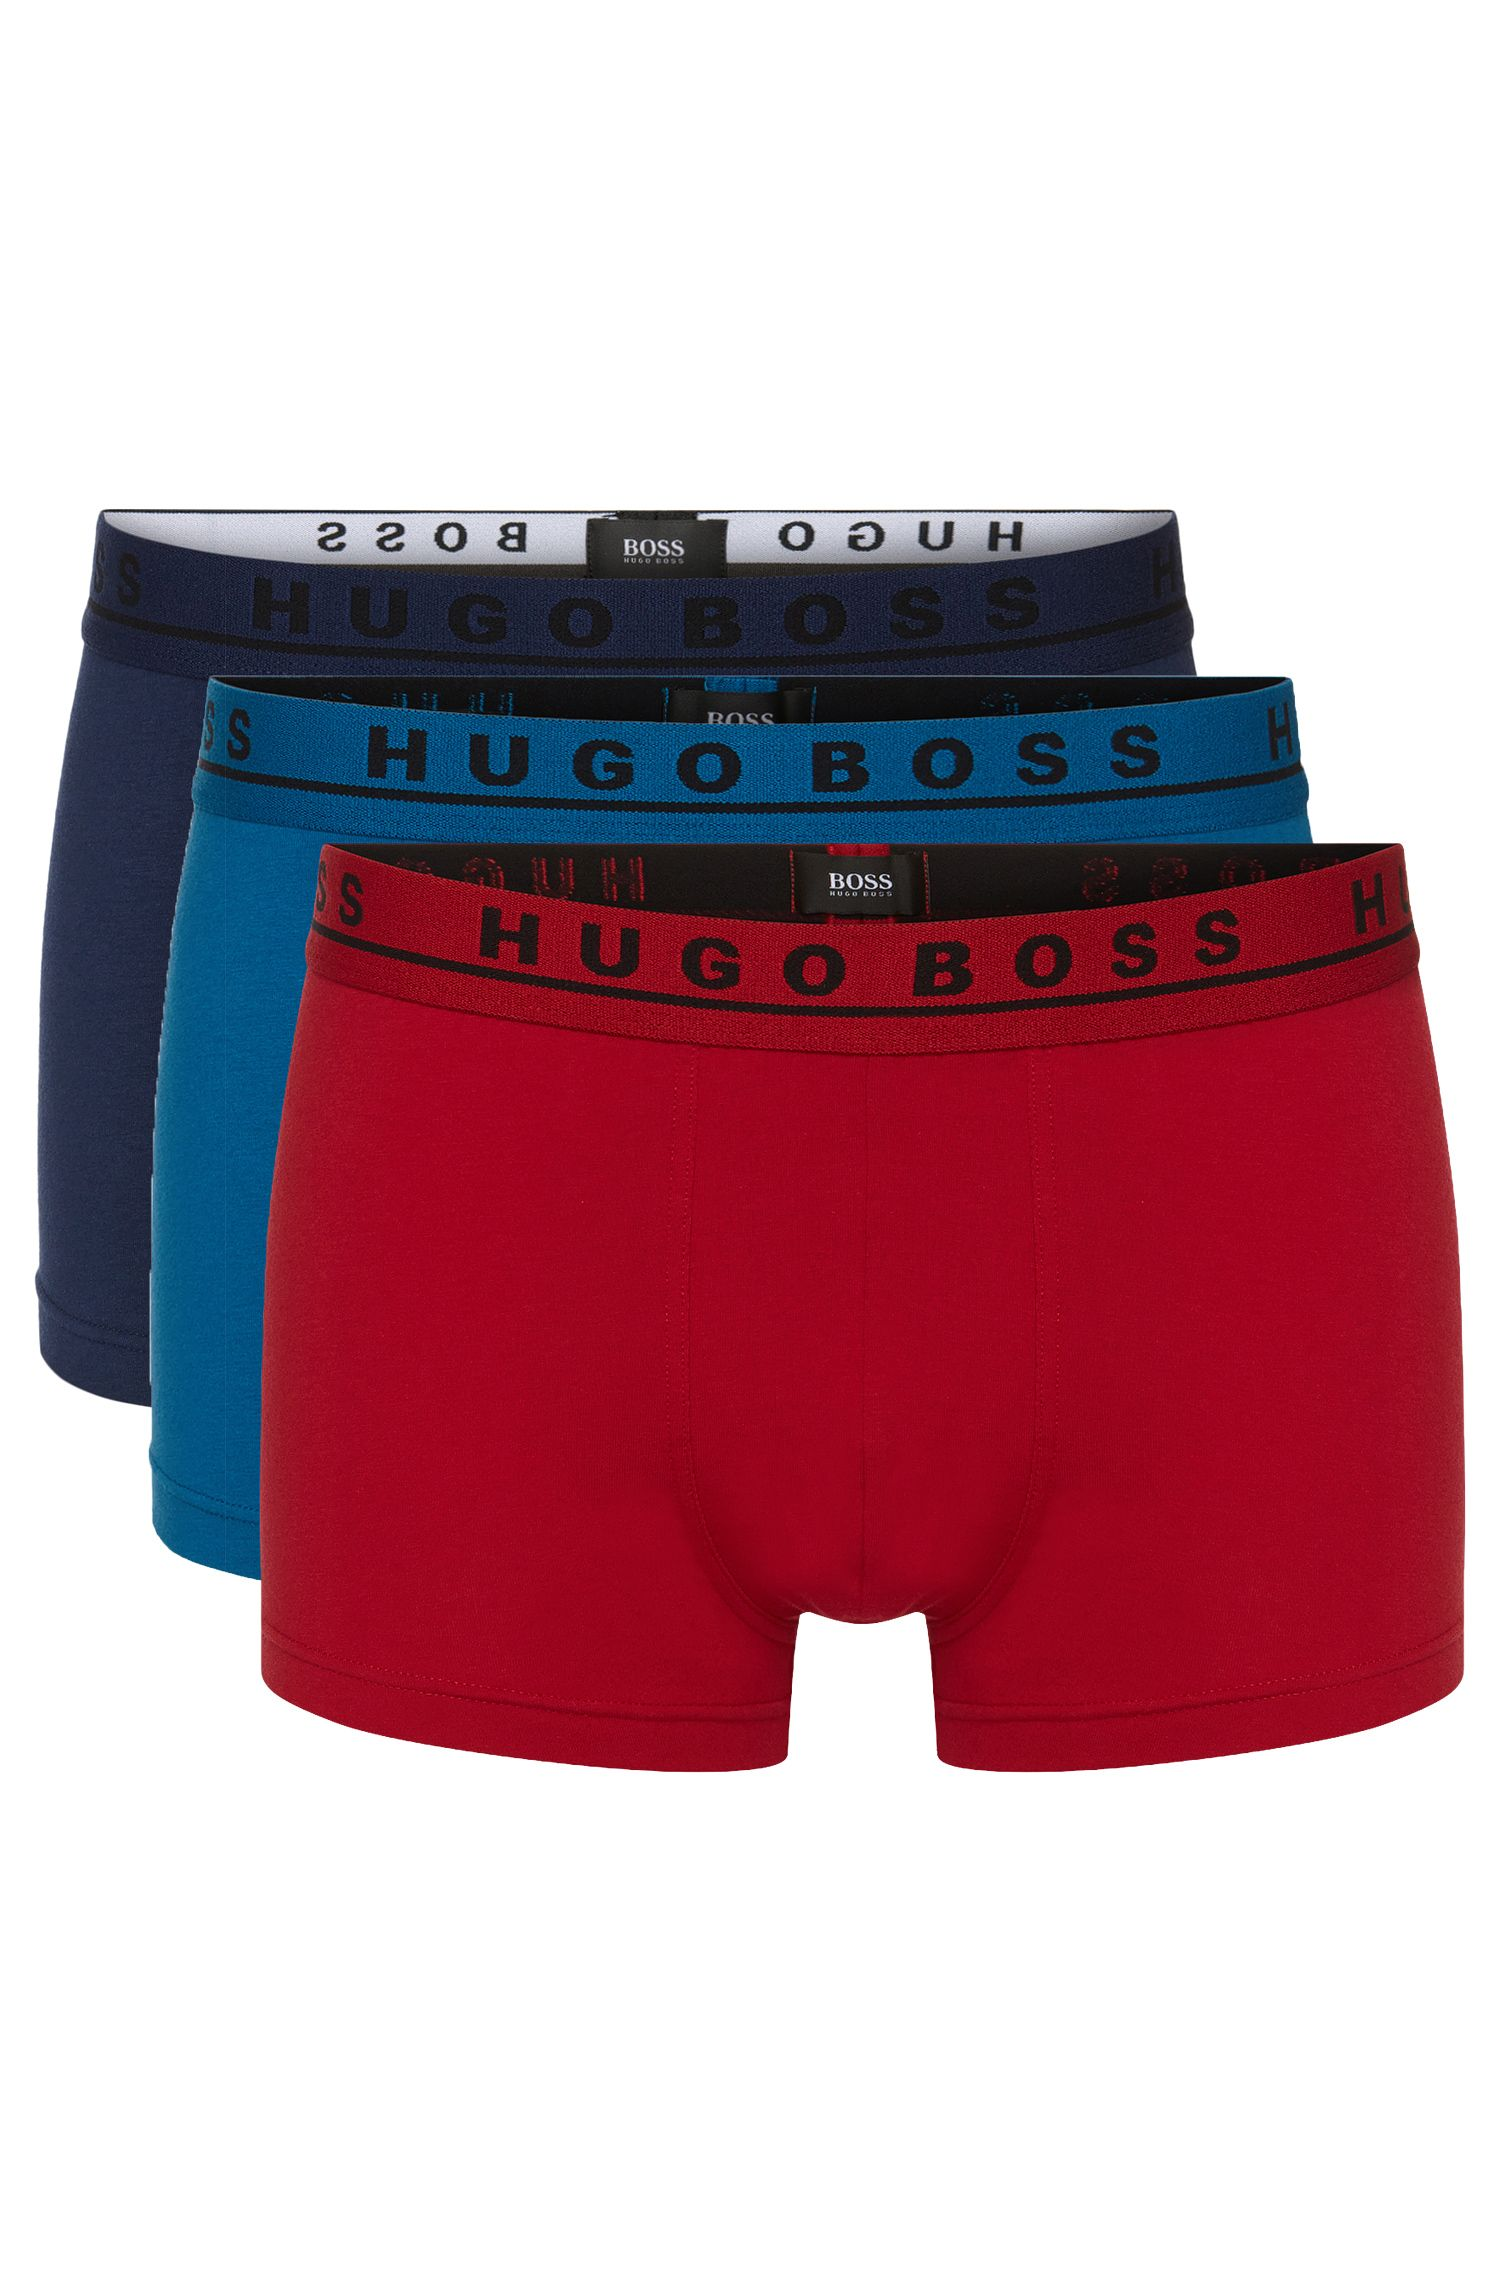 Lot de trois boxers avec logo sur la ceinture